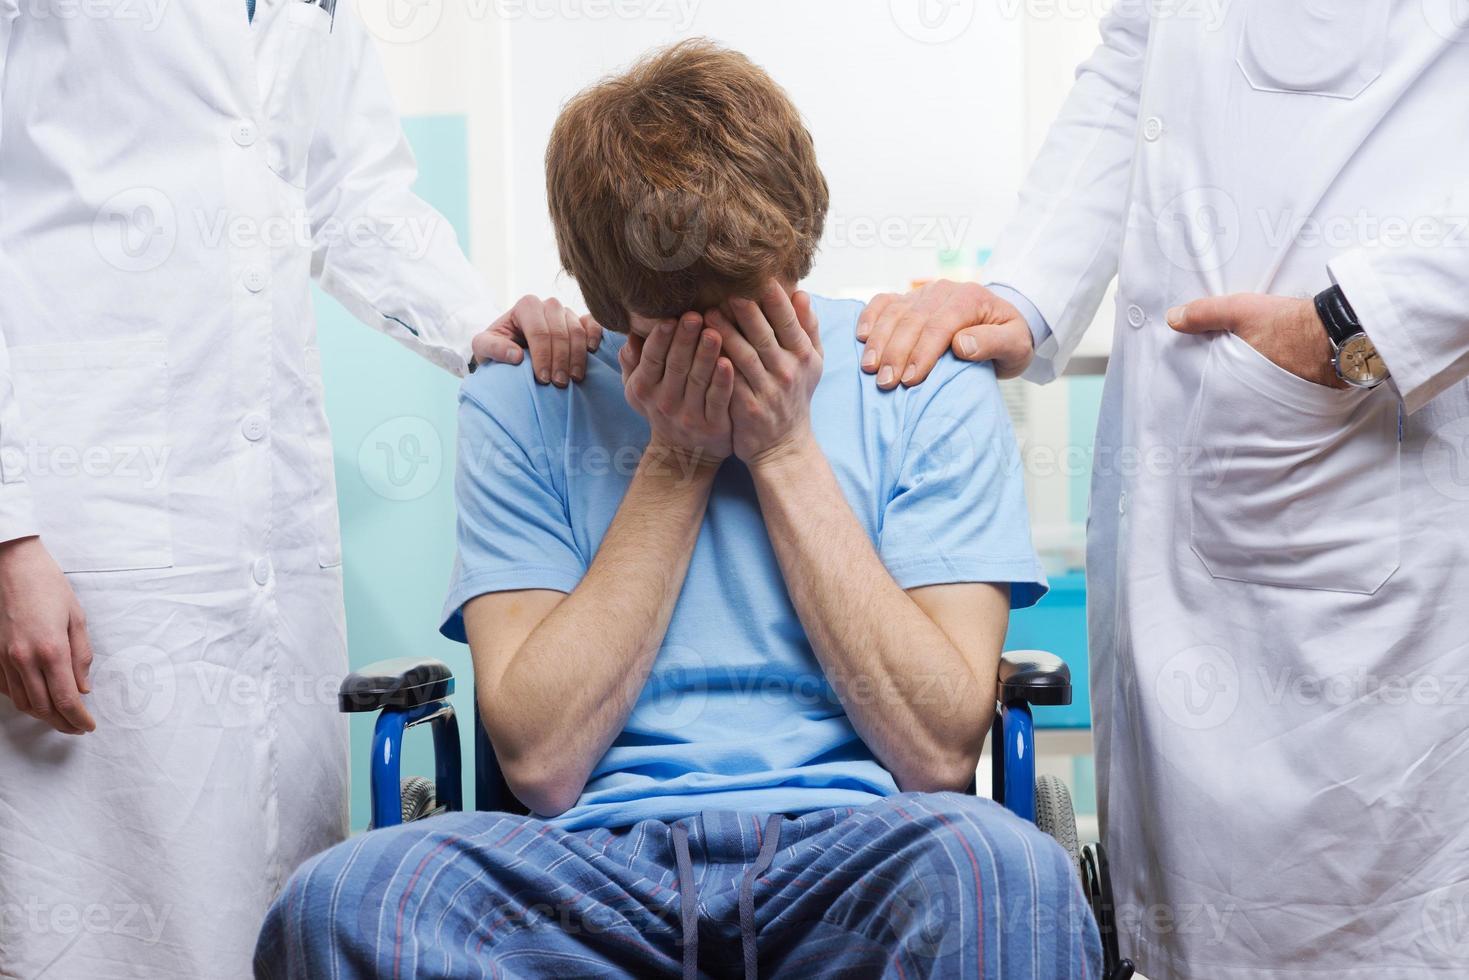 sich um einen Patienten kümmern foto